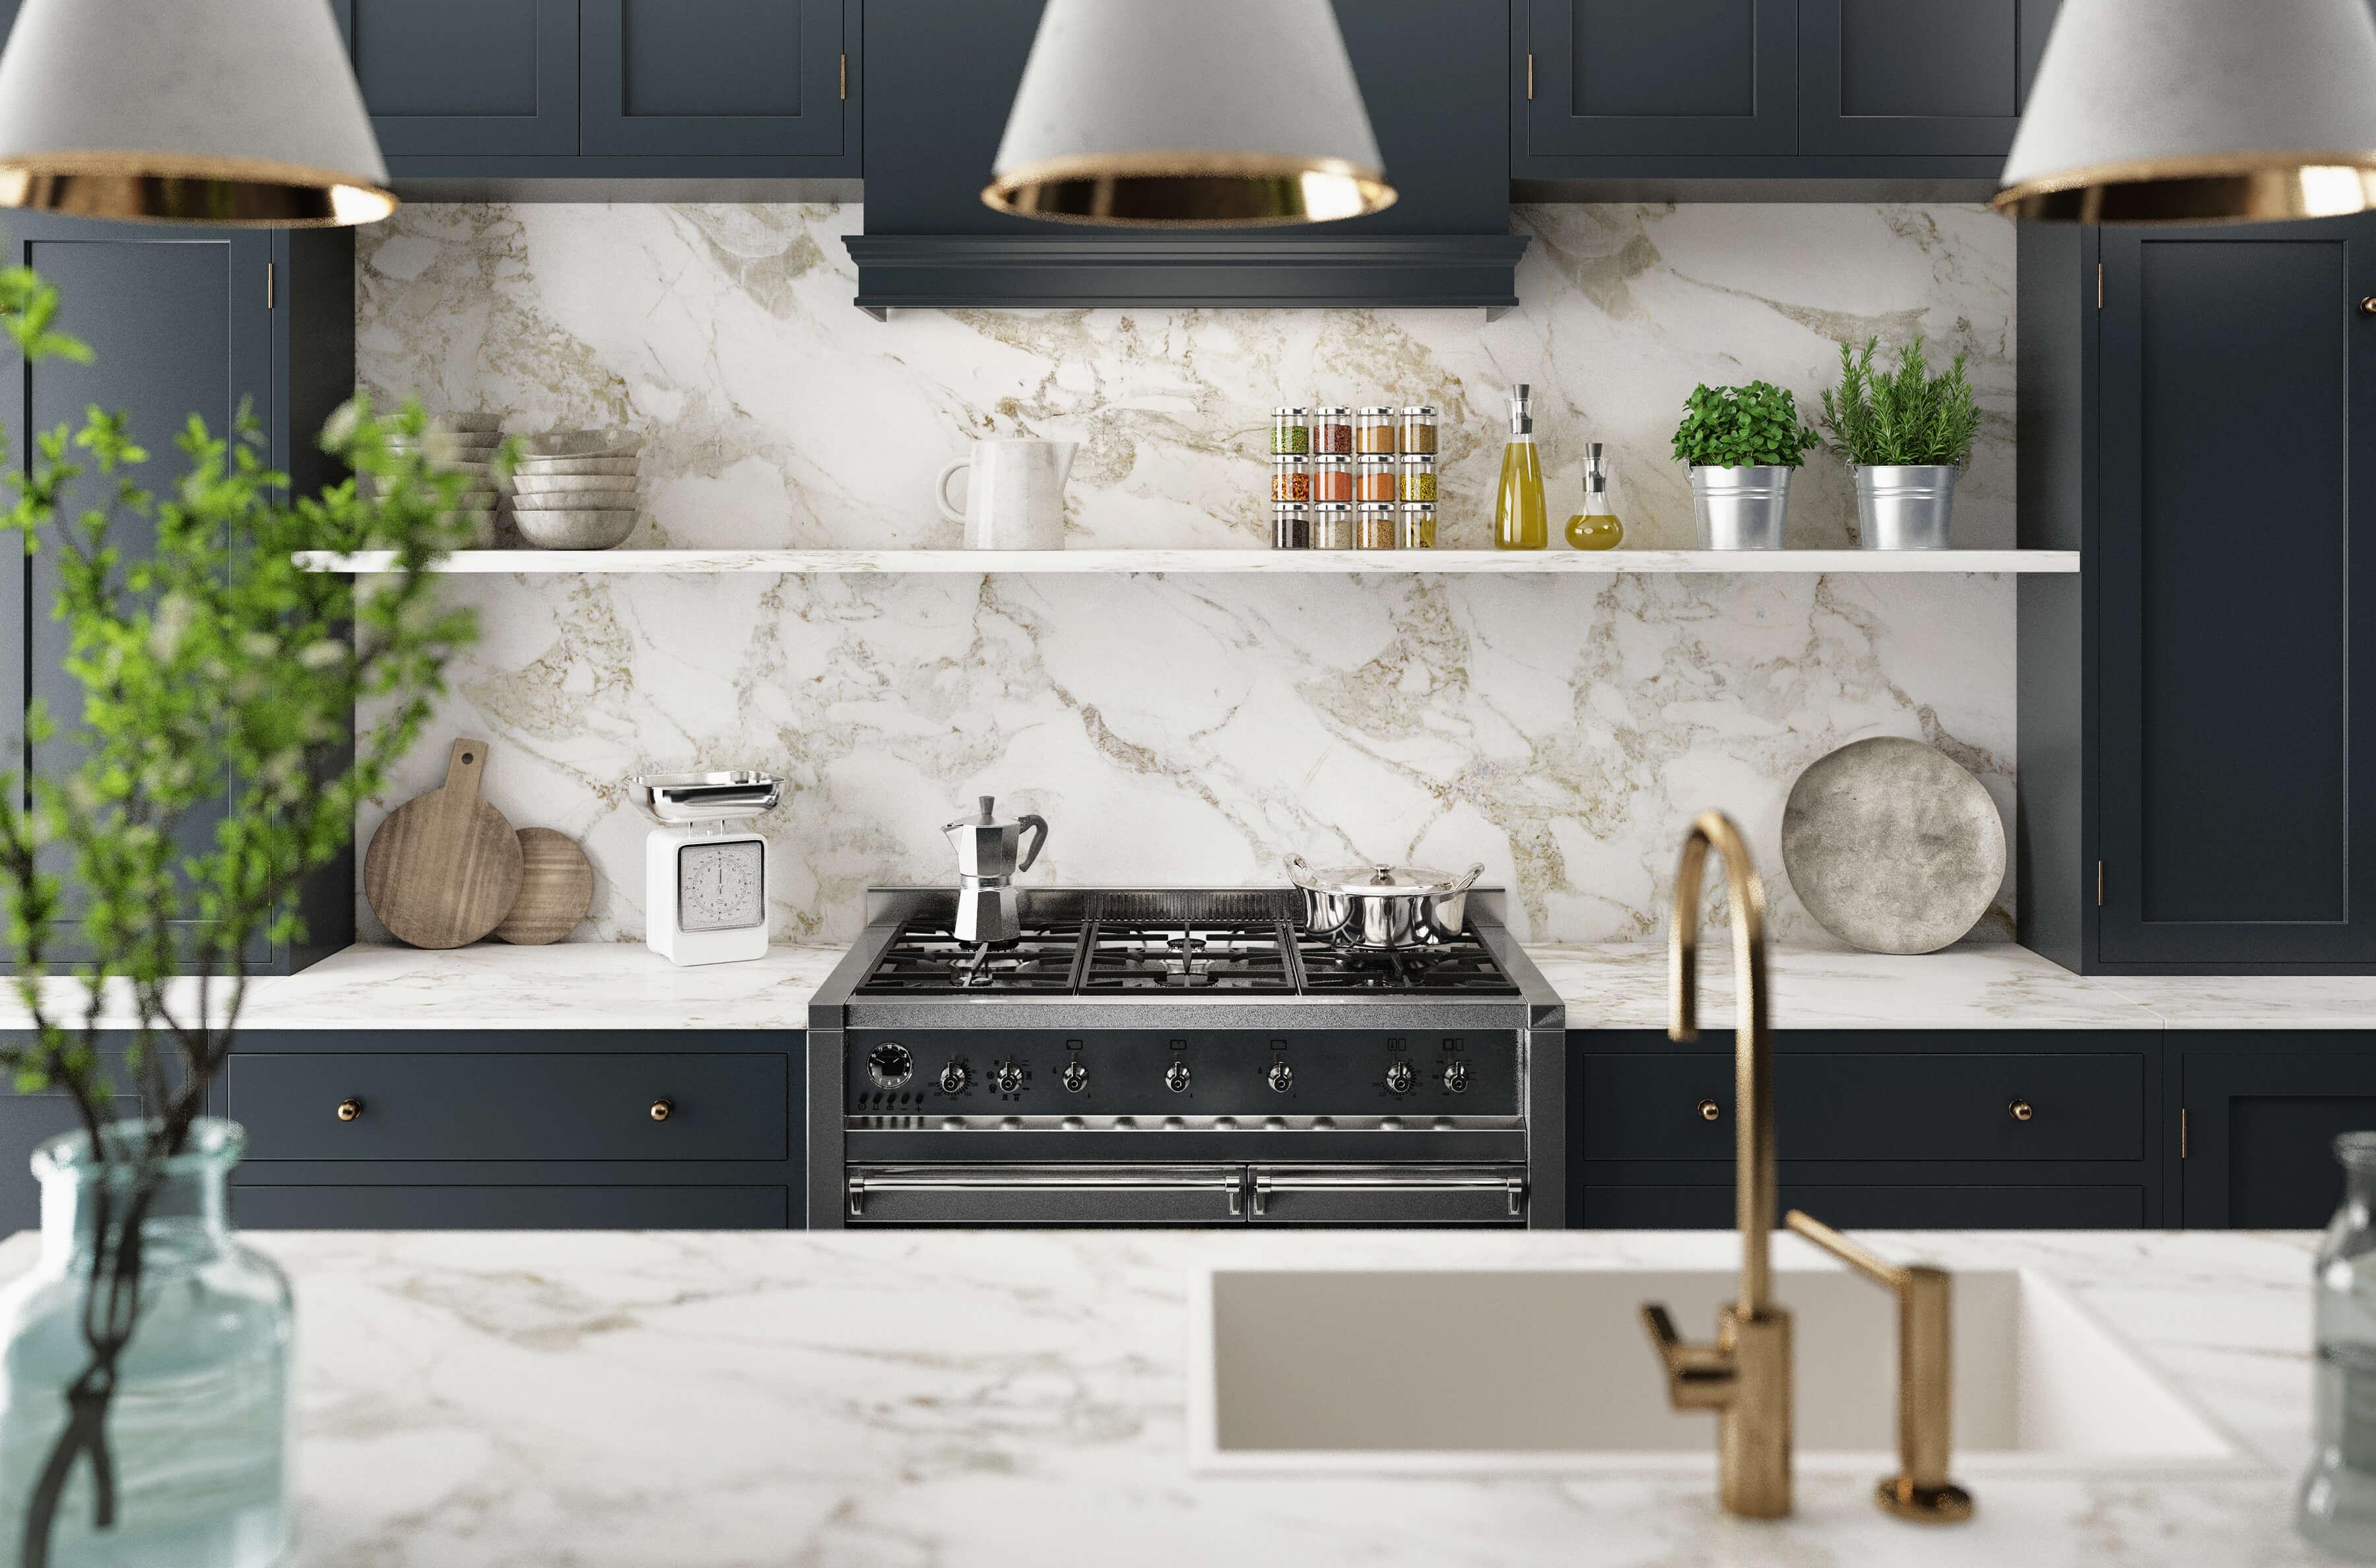 Cucina Open Space Moderna cucina moderna realistica, design minimal in legno e marmo